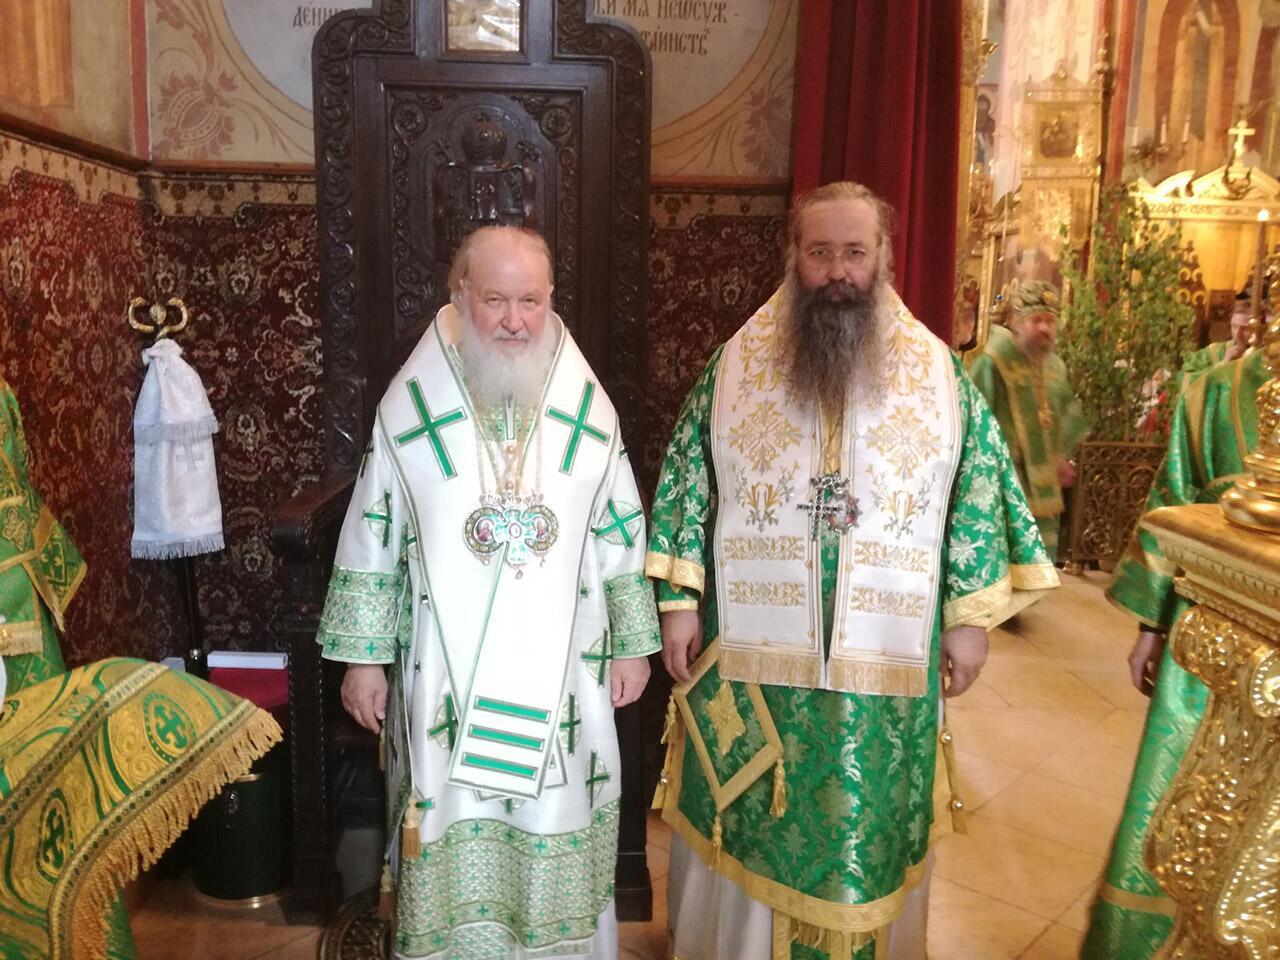 παριάρχης μόσχας μητροπολίτης κίτρους